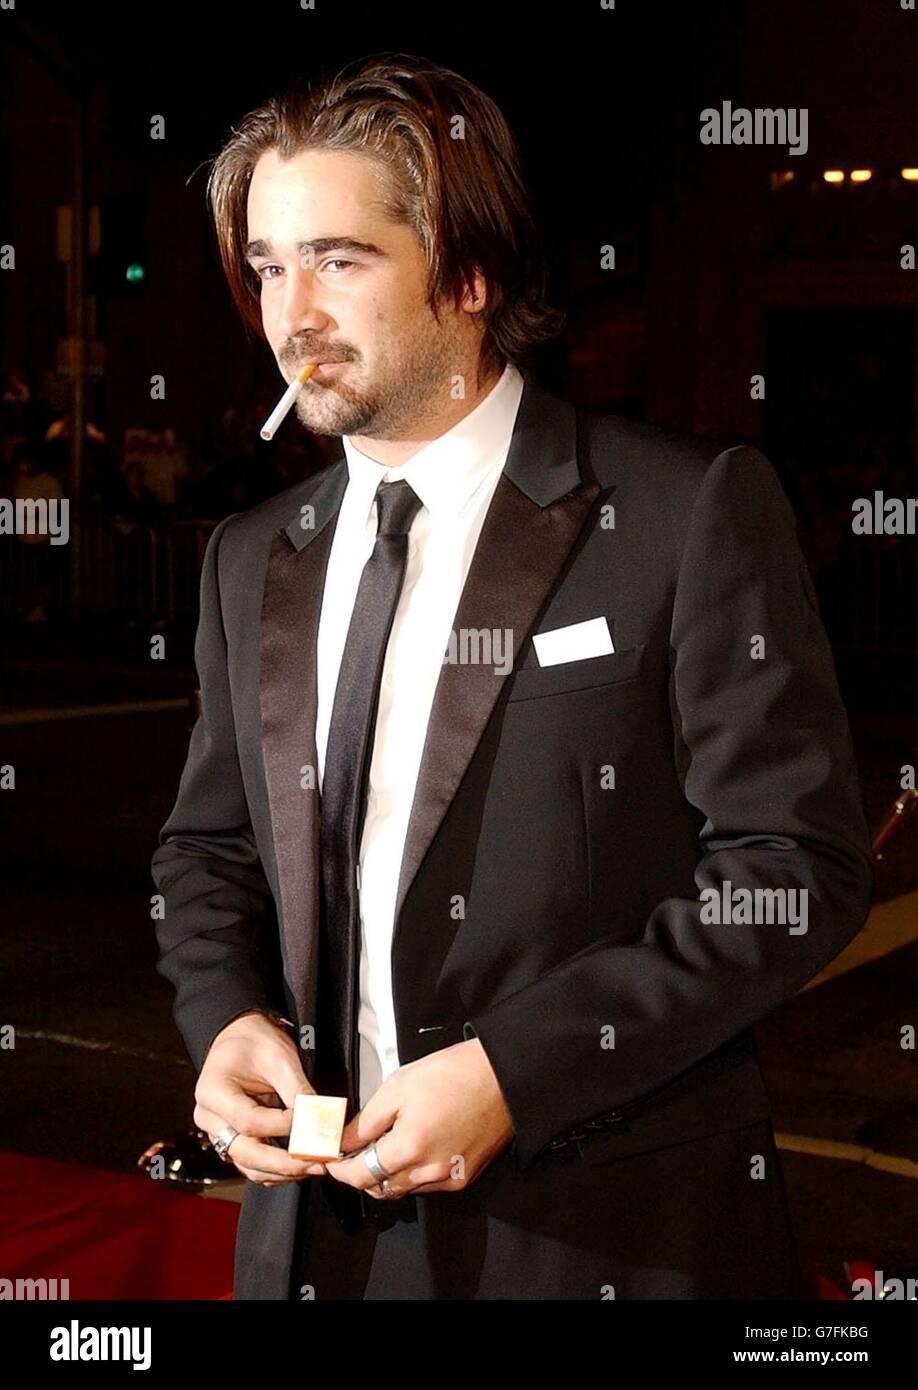 Colin Farrell Alexander Premiere Stock Photo Alamy